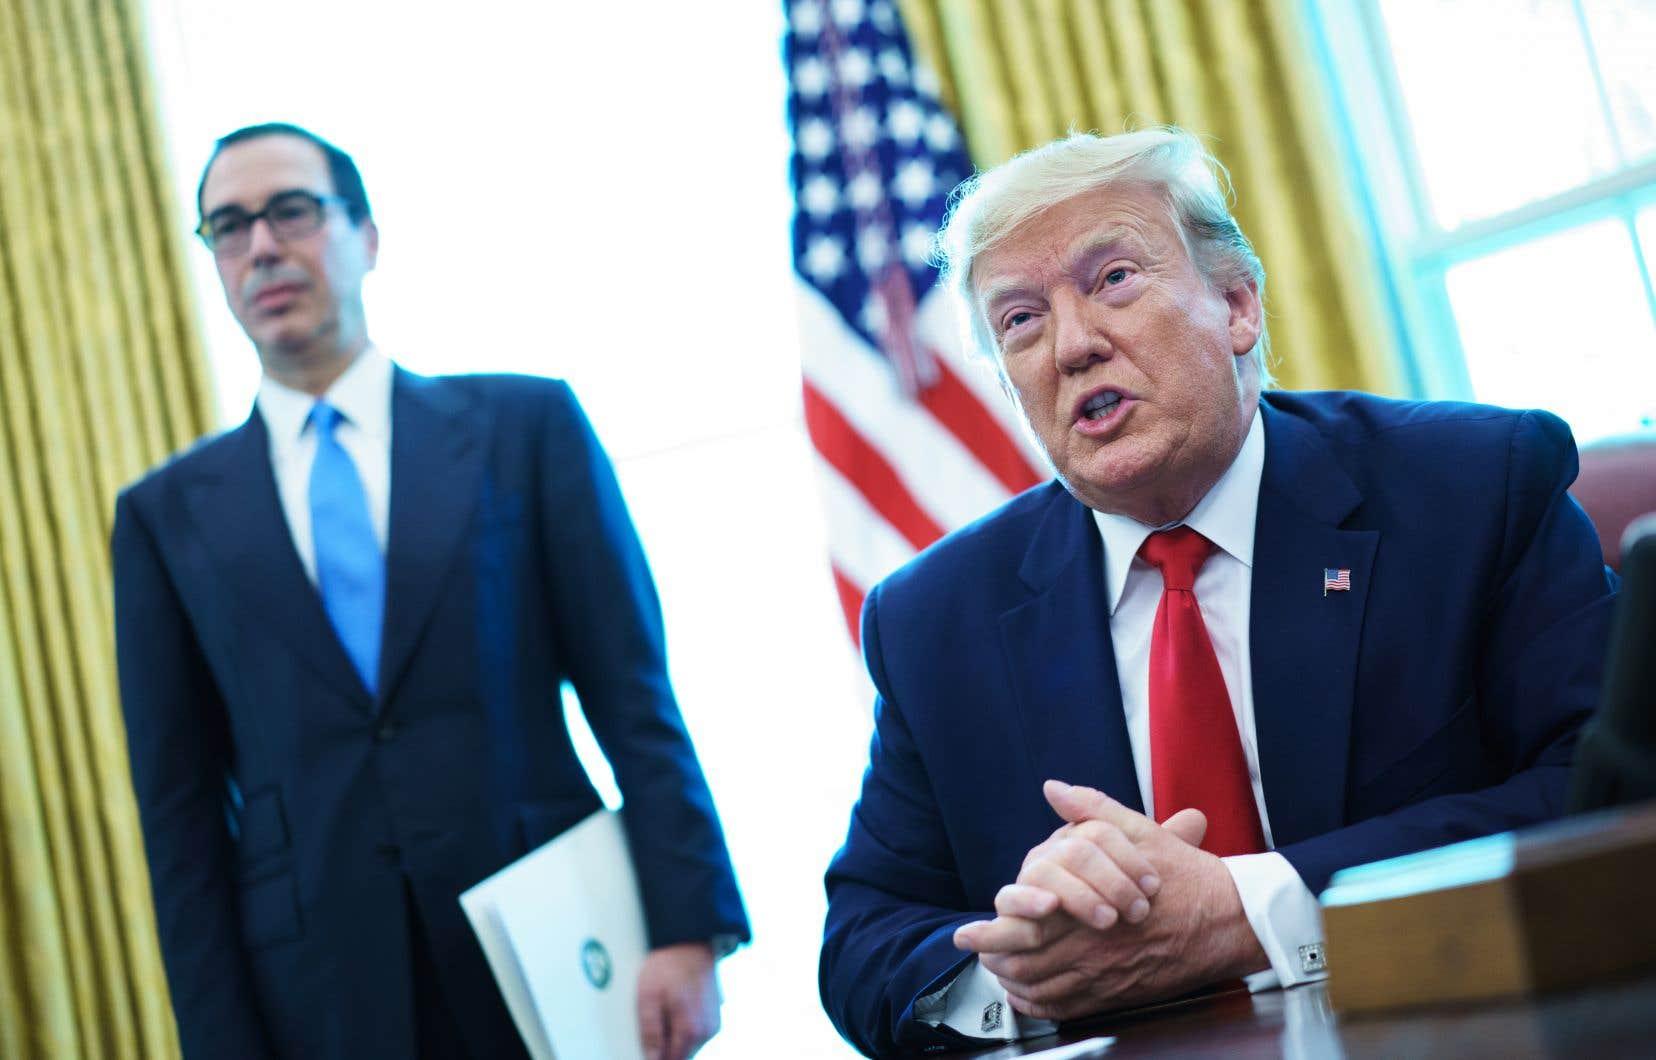 DonaldTrump aurait ouvertement évoqué récemment, lors d'une réunion à la Maison-Blanche, l'hypothèse d'un assouplissement des sanctions en échange d'un face-à-face avec Hassan Rohani.